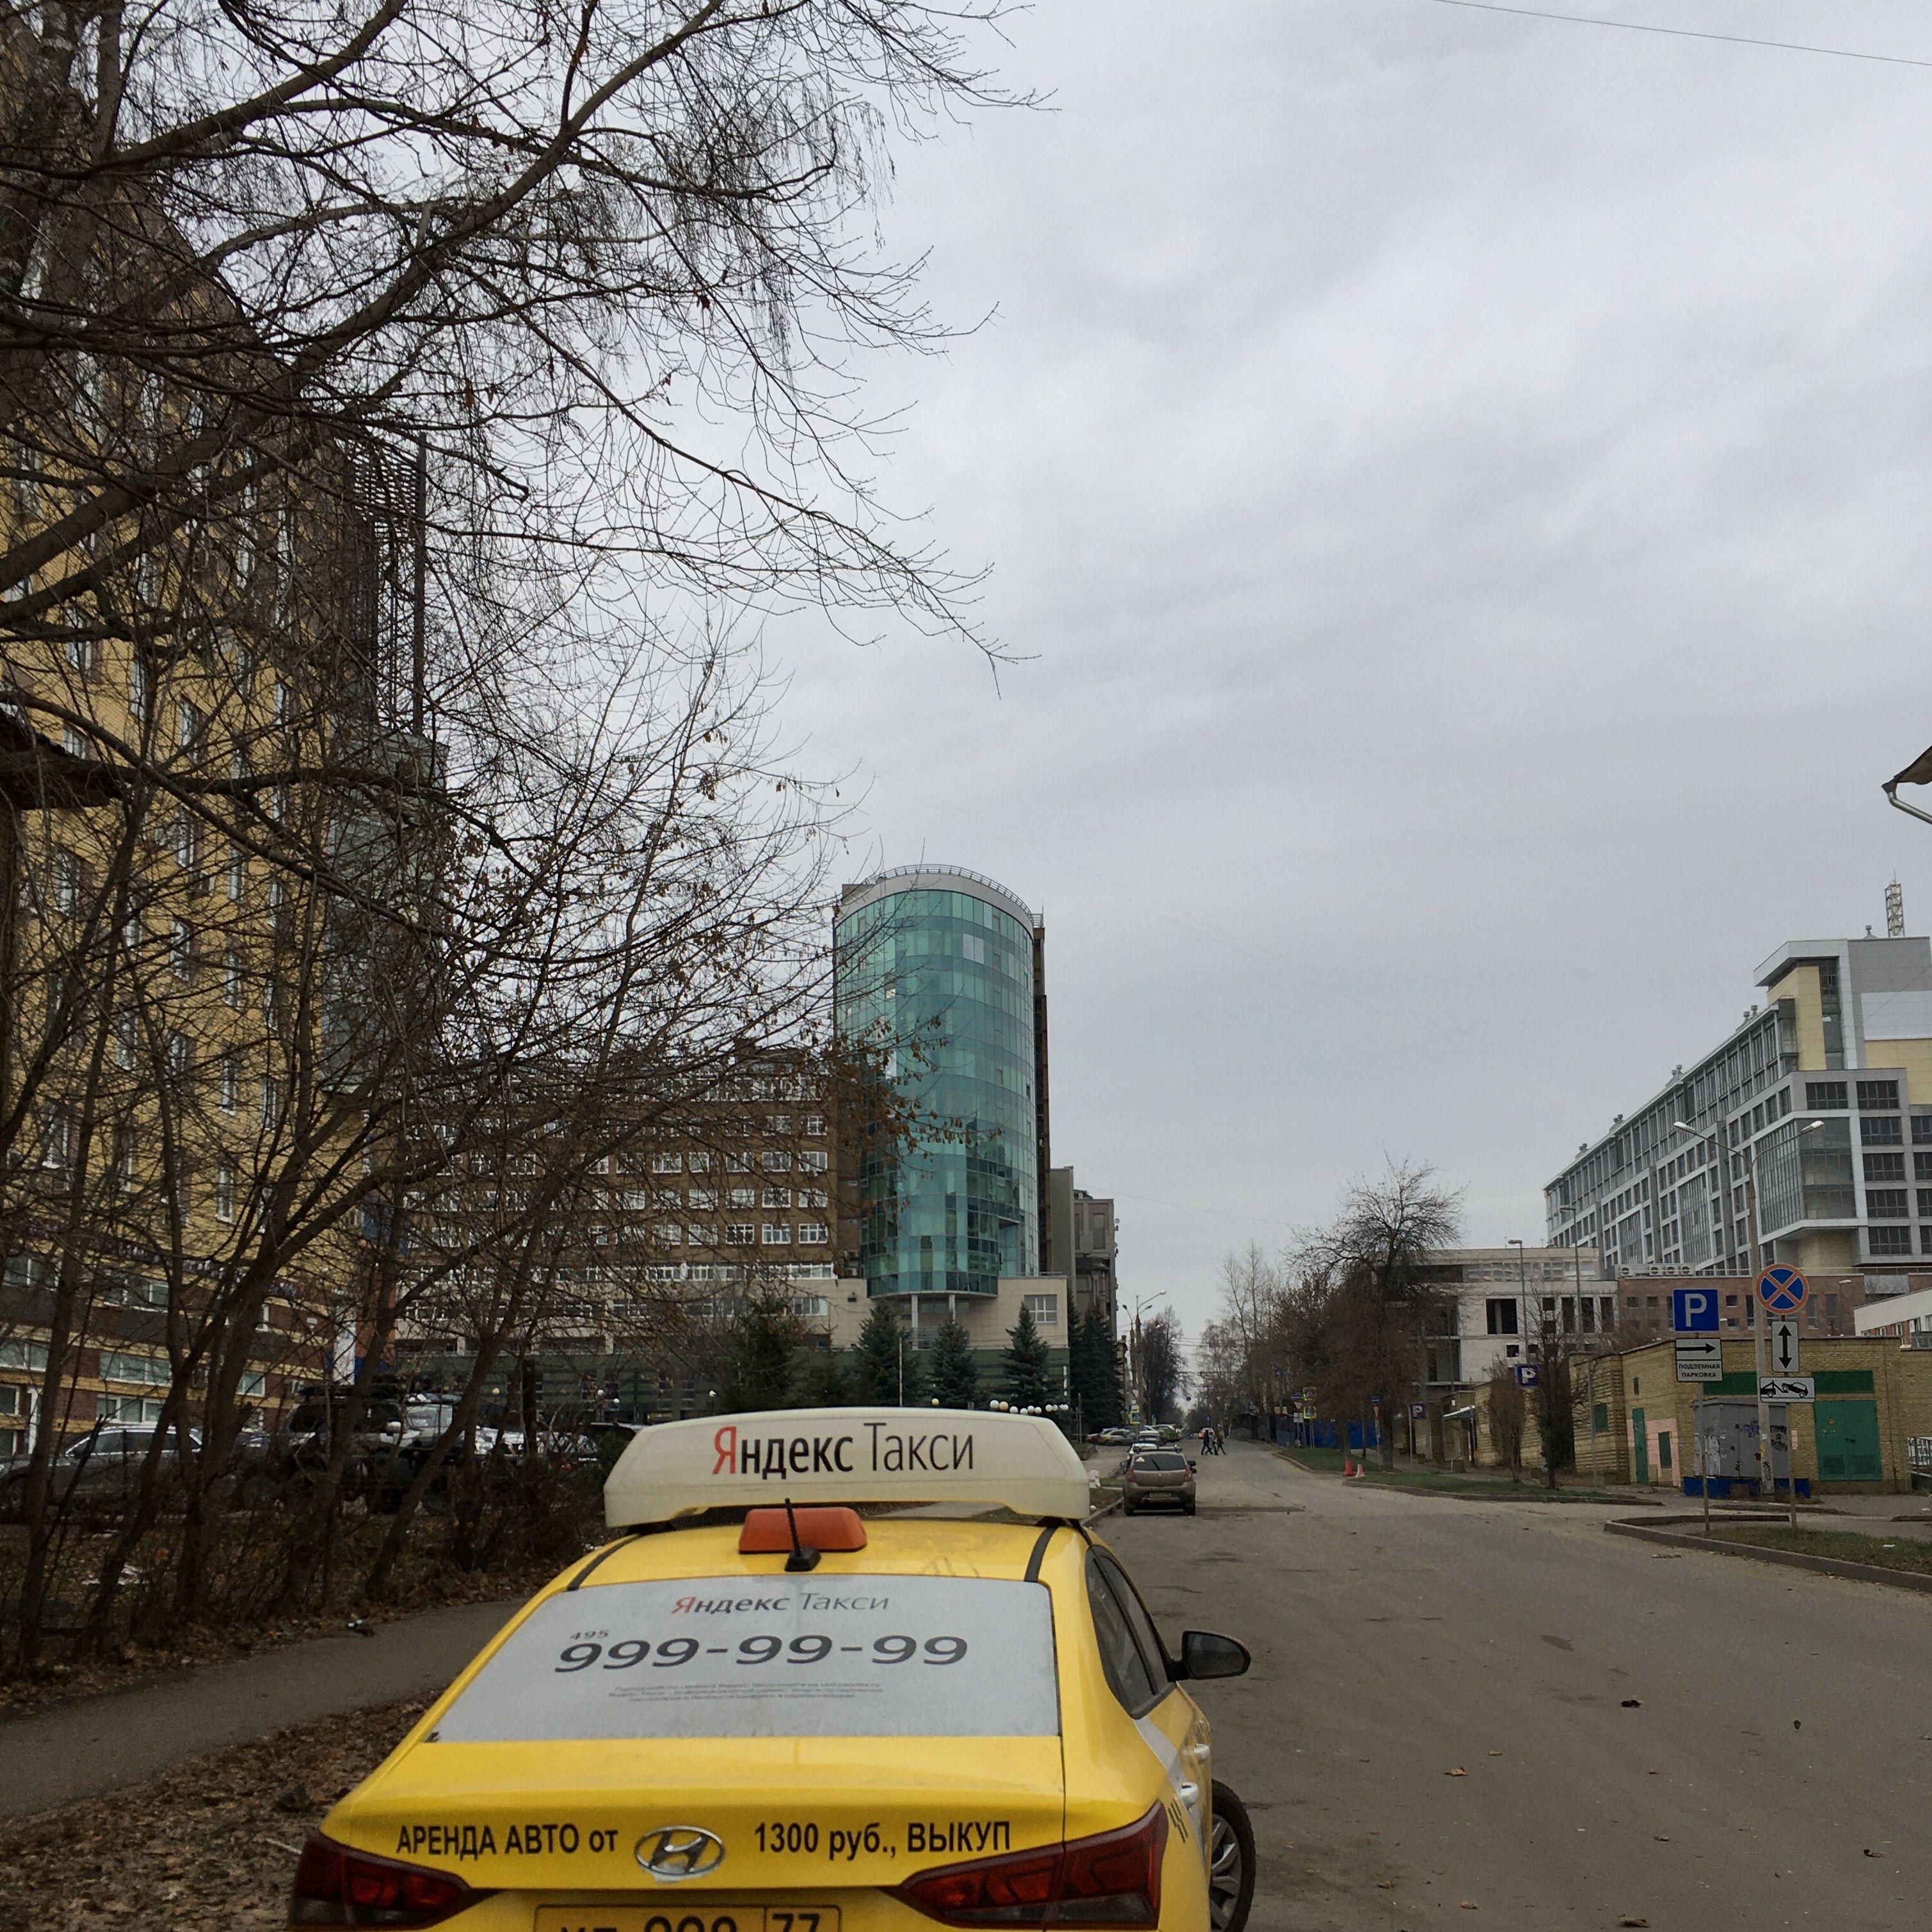 Oklejka Avto Pod Brending Yandeks Taksi V 2020 G Taksa Yandeks Gorod